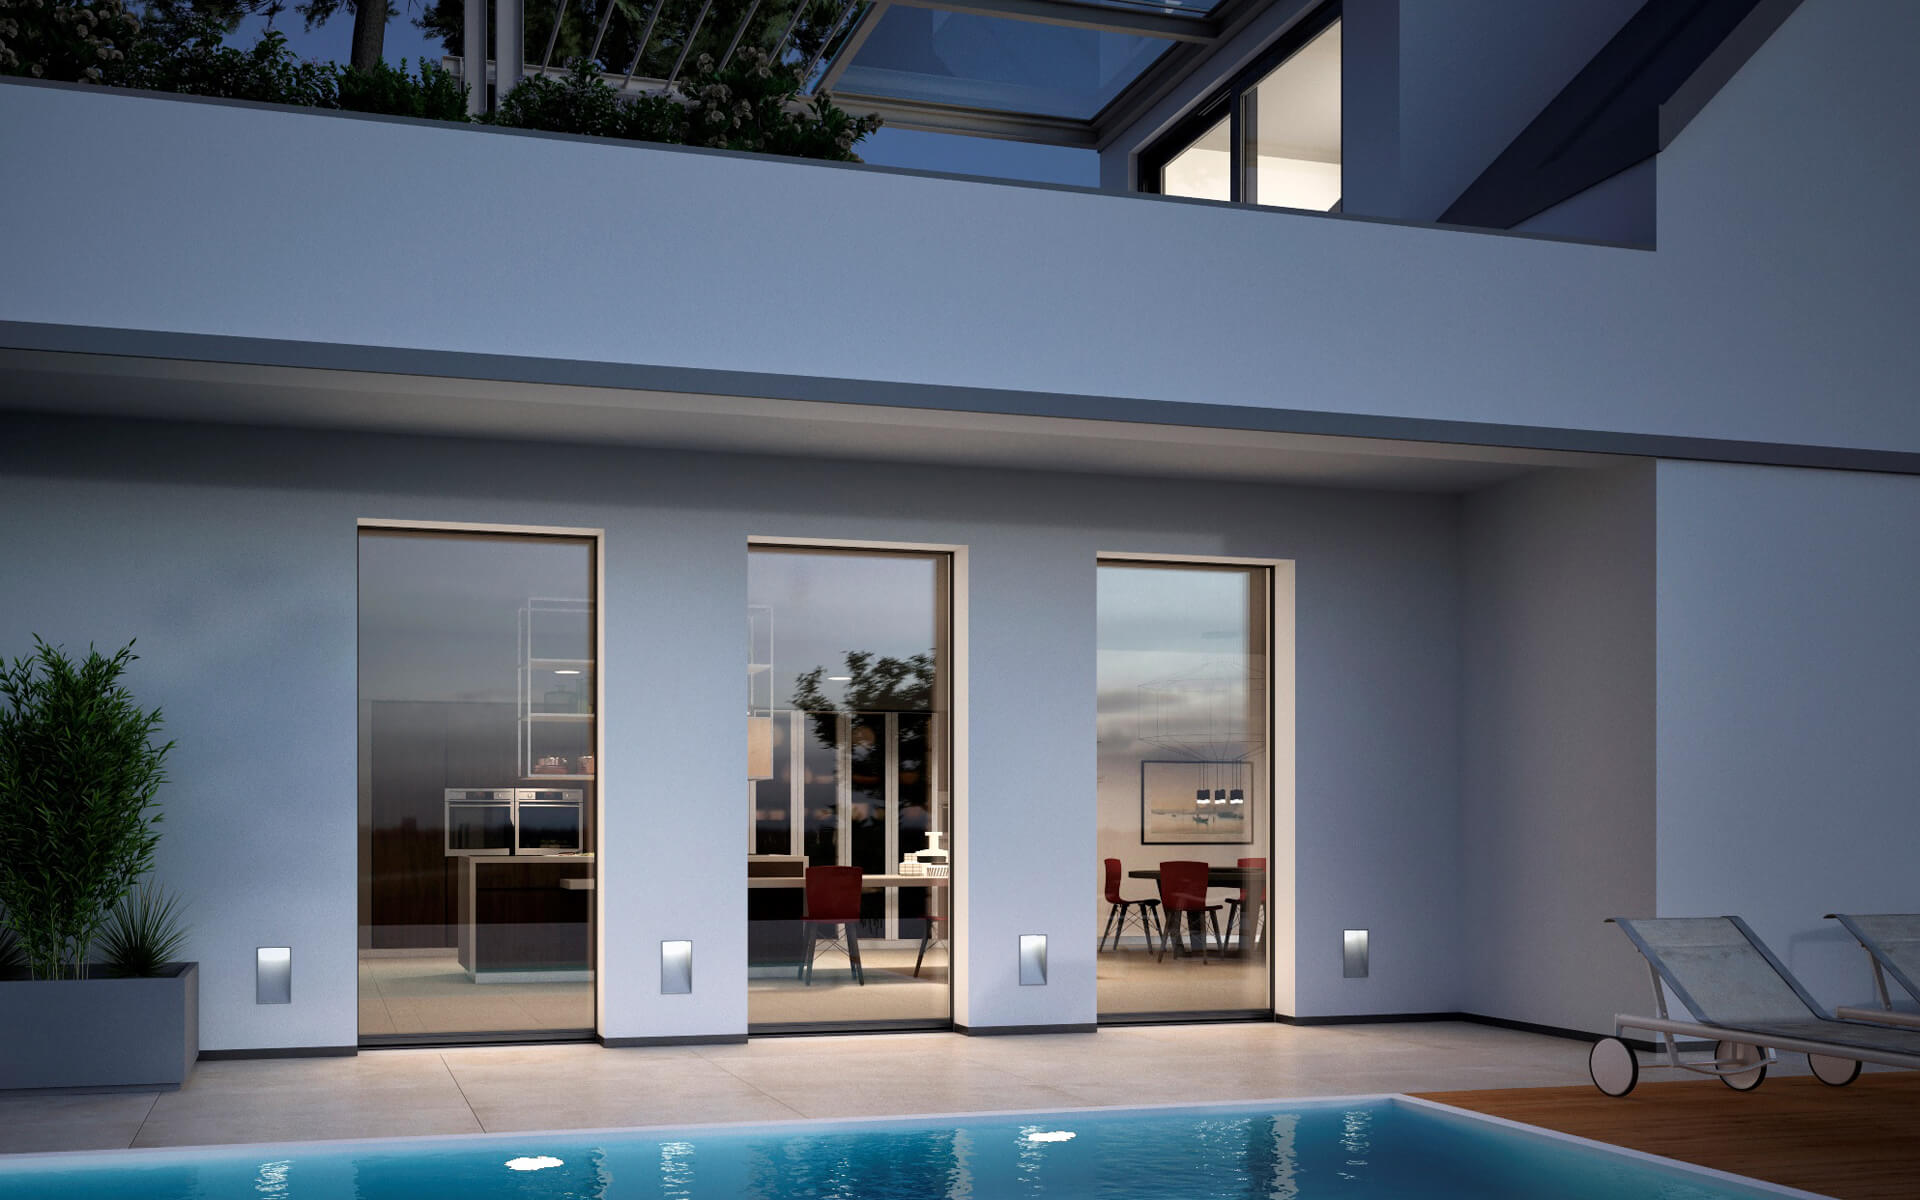 Progetti ville moderne con vetrate for Vetrate case moderne